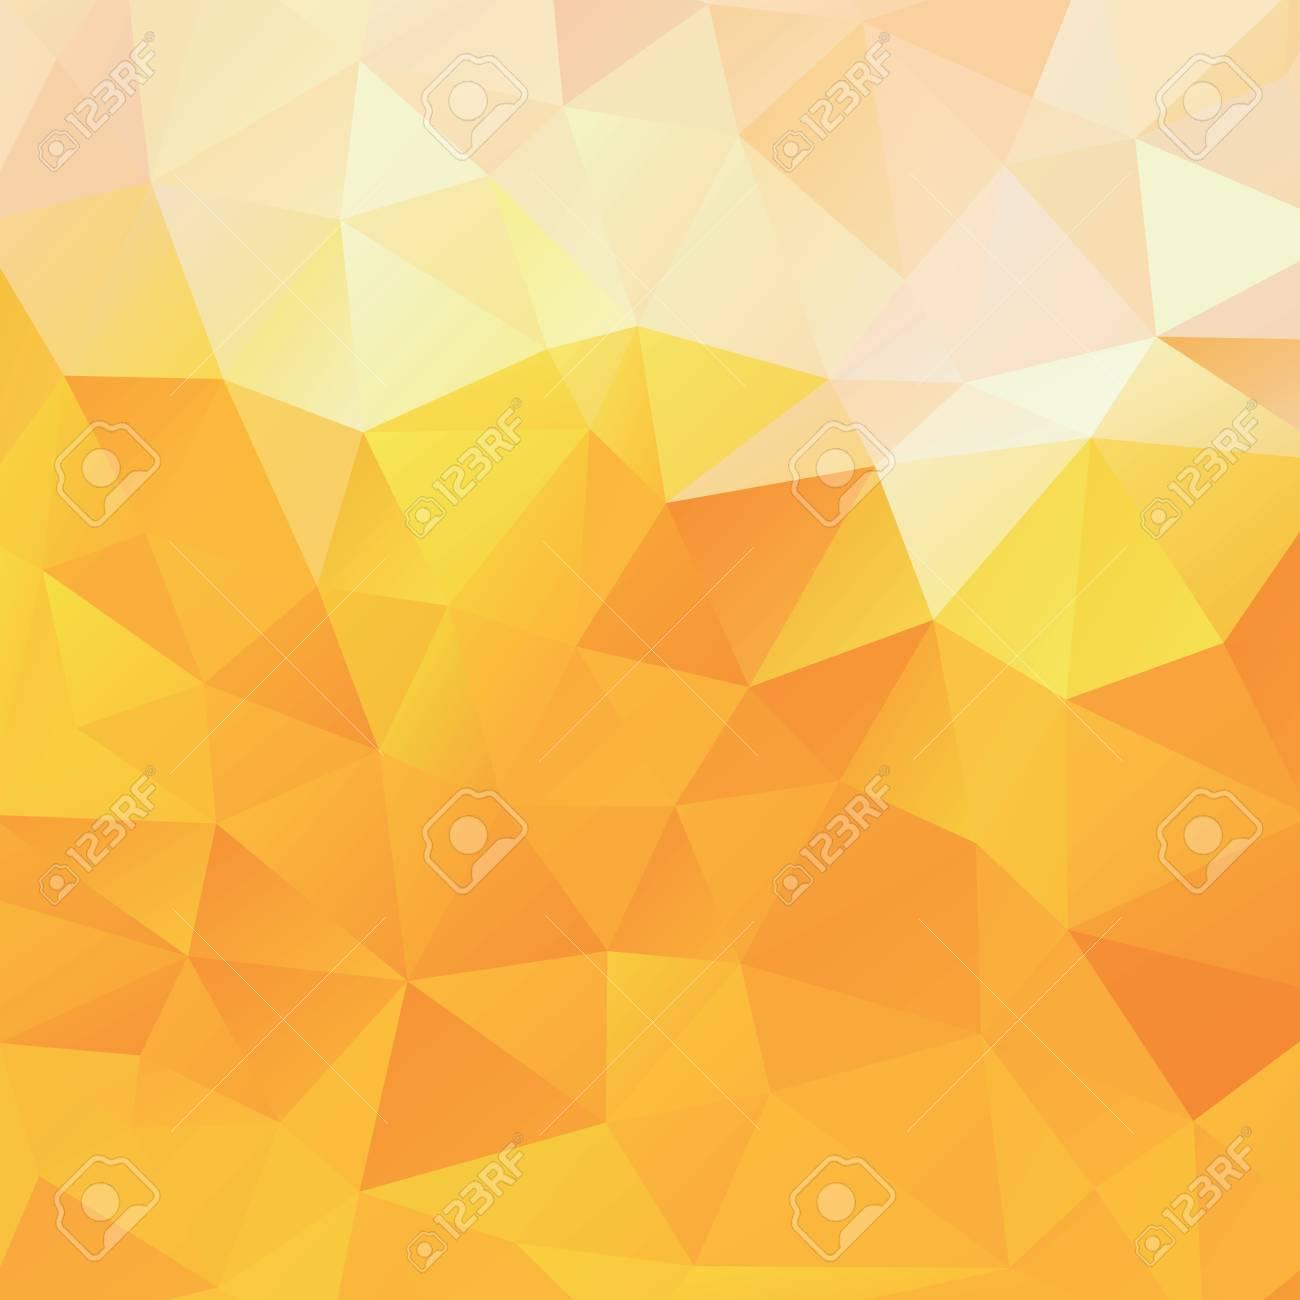 Fondos de pantalla amarillo degradado